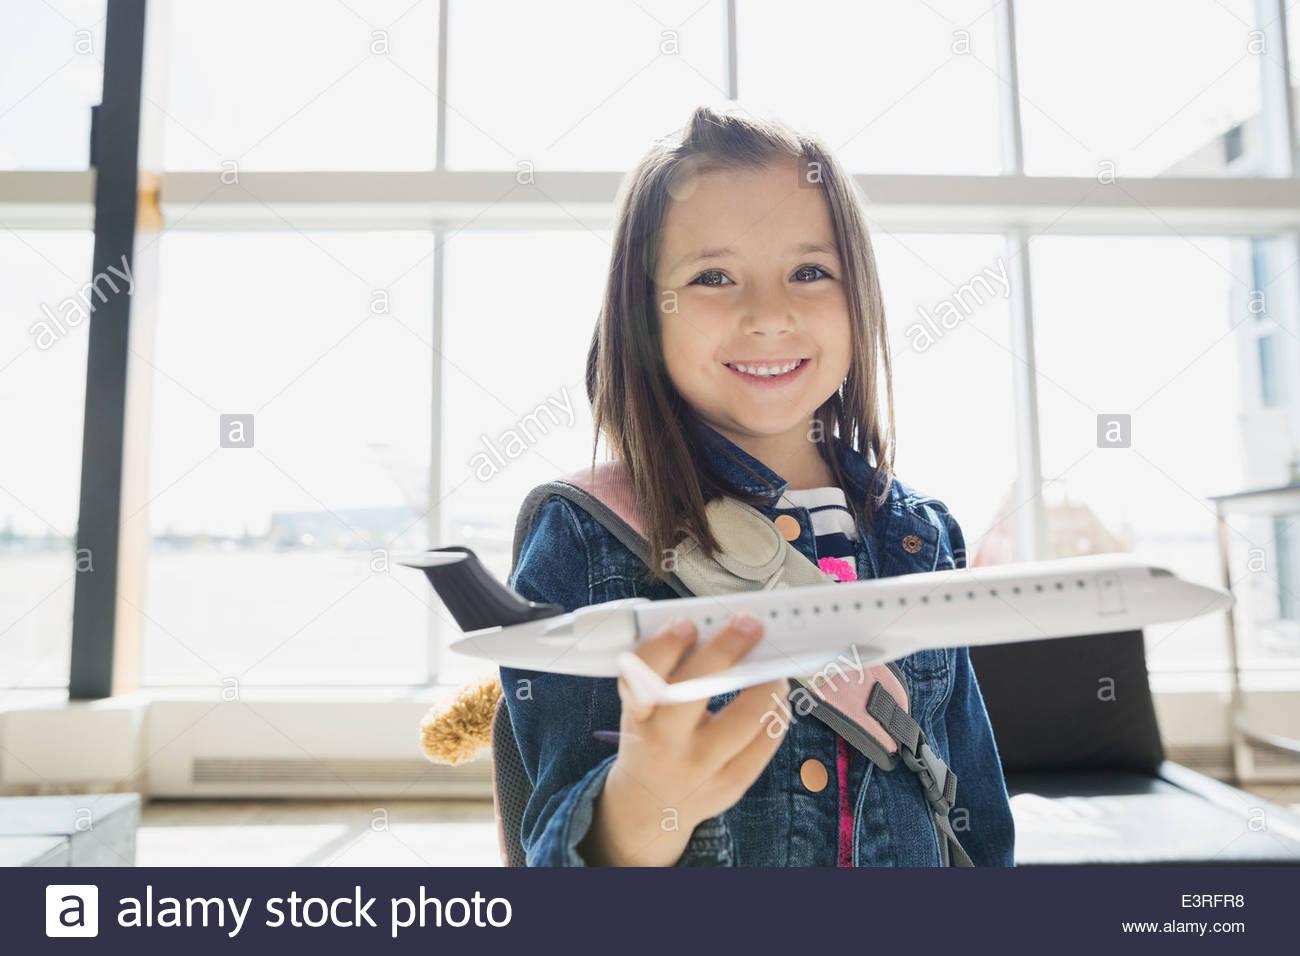 Niña jugando con el avión de juguete en el aeropuerto Imagen De Stock